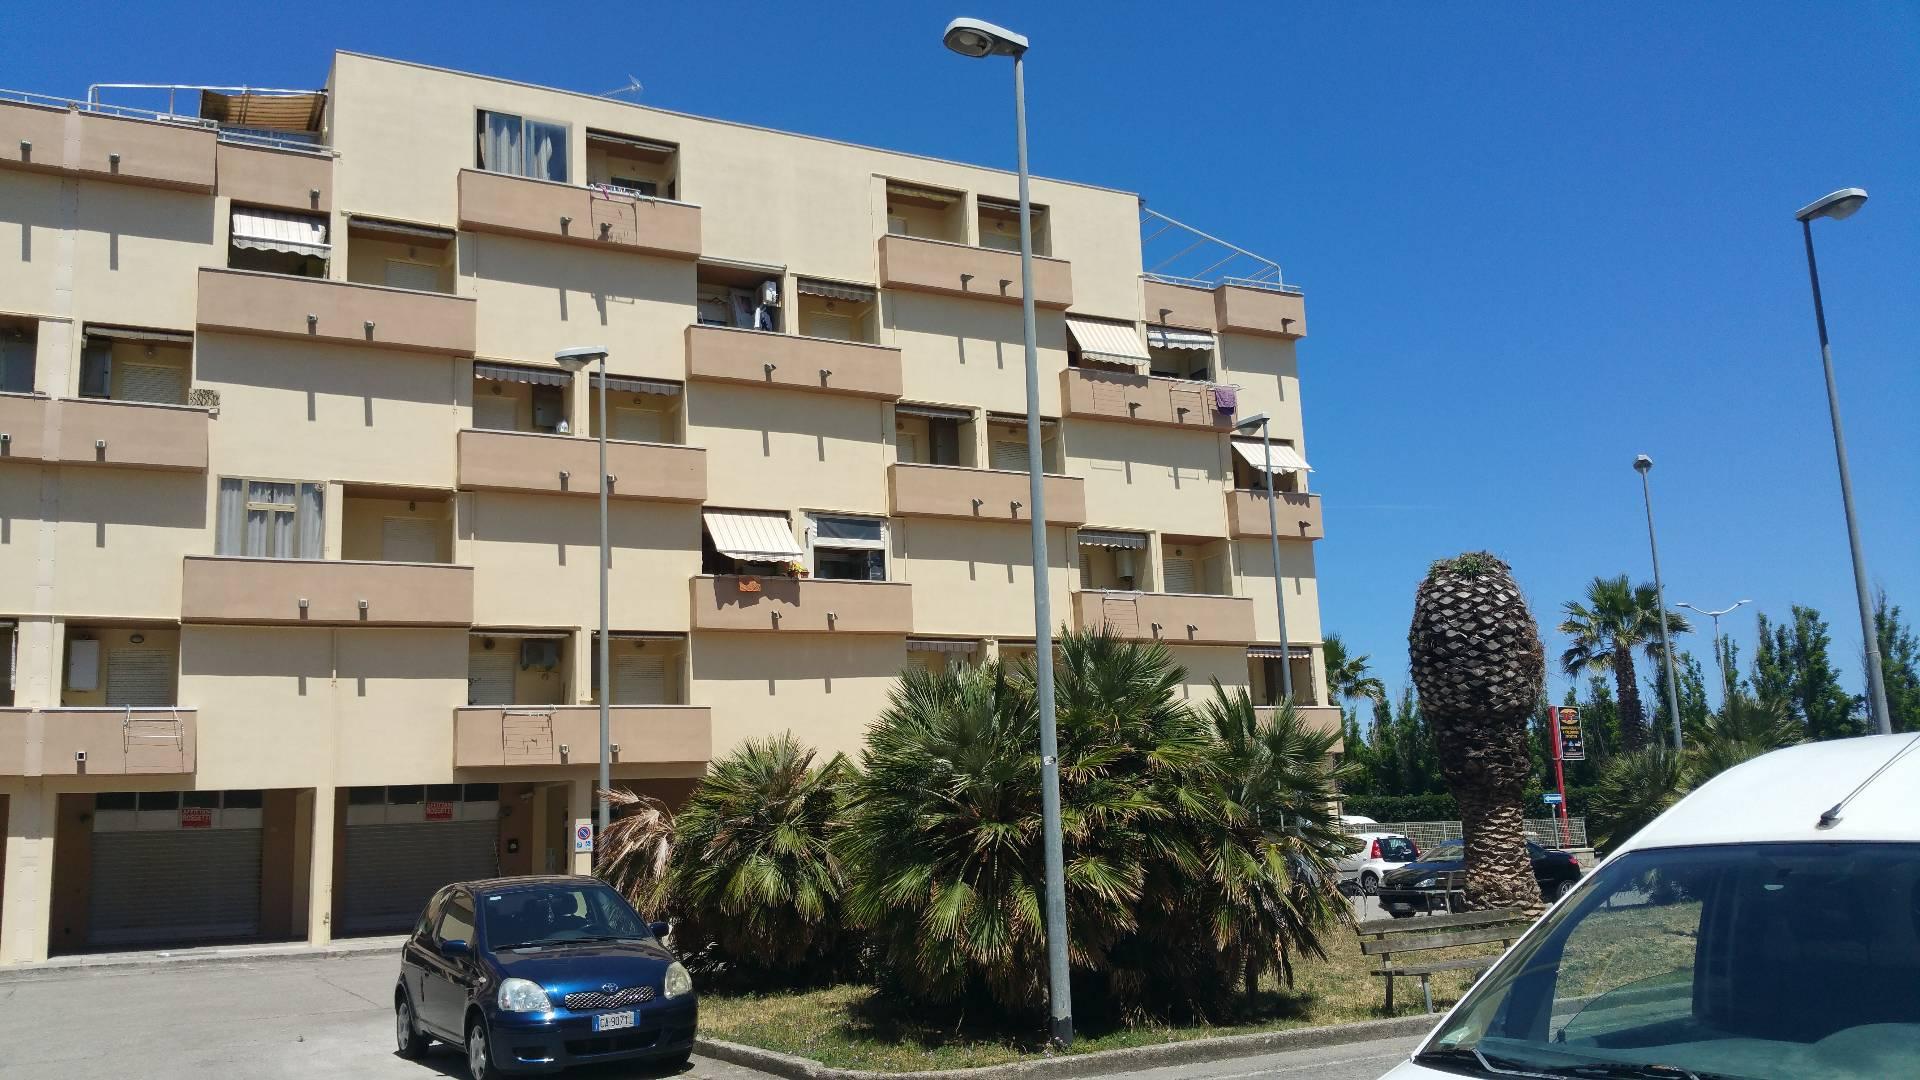 Appartamento in vendita a Porto Sant'Elpidio, 2 locali, prezzo € 69.000 | Cambio Casa.it